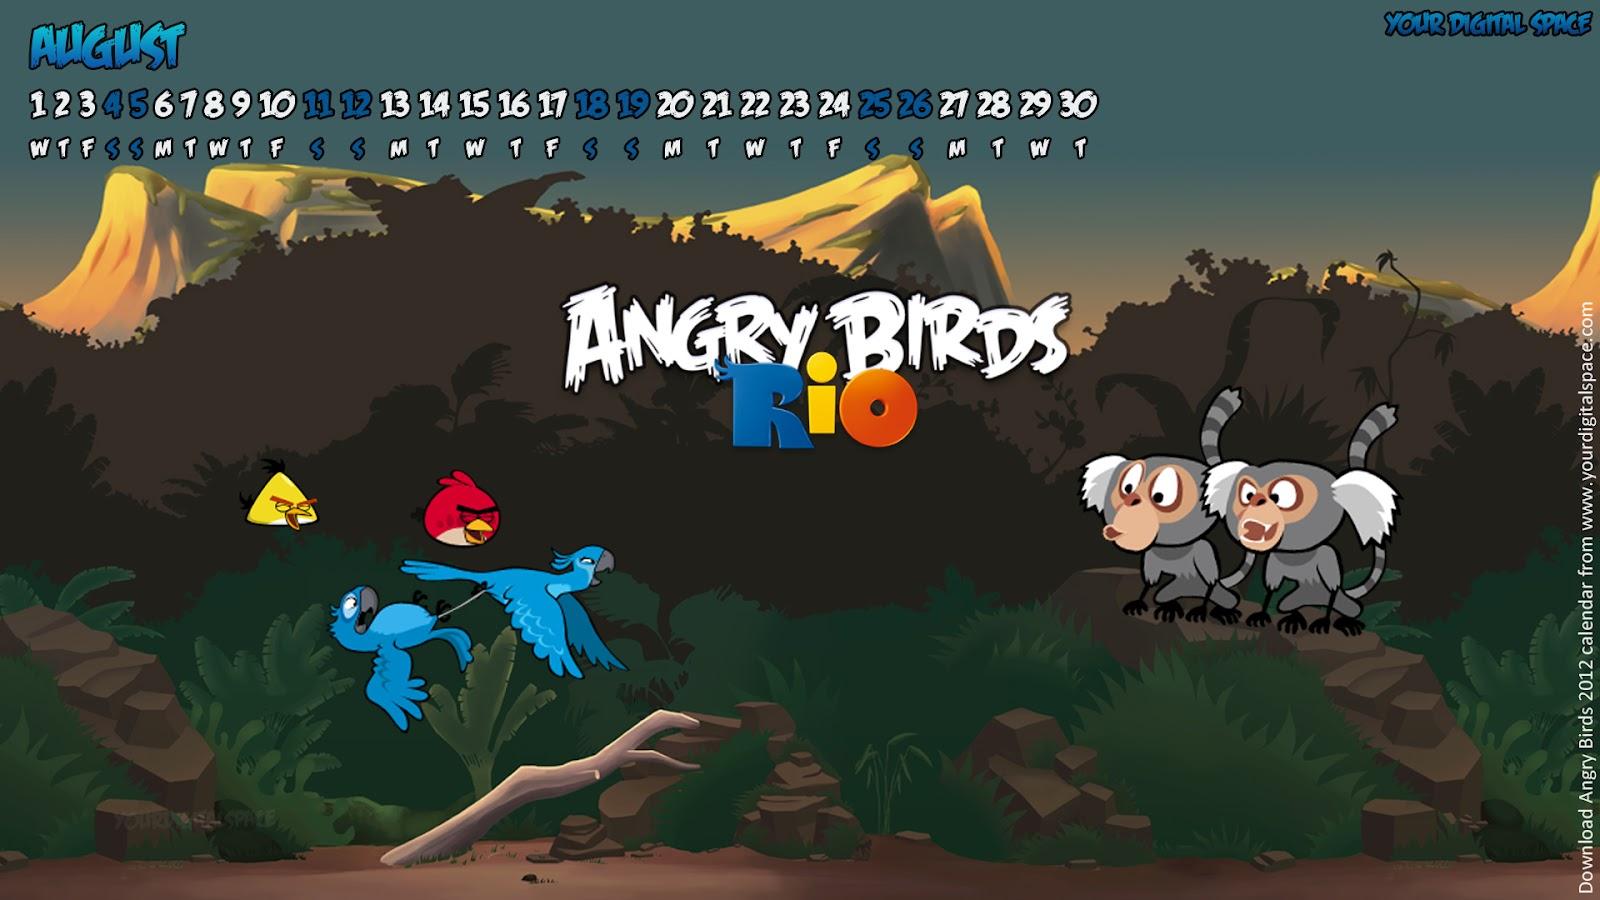 http://3.bp.blogspot.com/-EpyQNESBrz4/UBjerx2hxQI/AAAAAAAAGzA/_rUeIywx0Co/s1600/AngryBirds_August2012_CalendarWallpaper_1920x1080.jpg